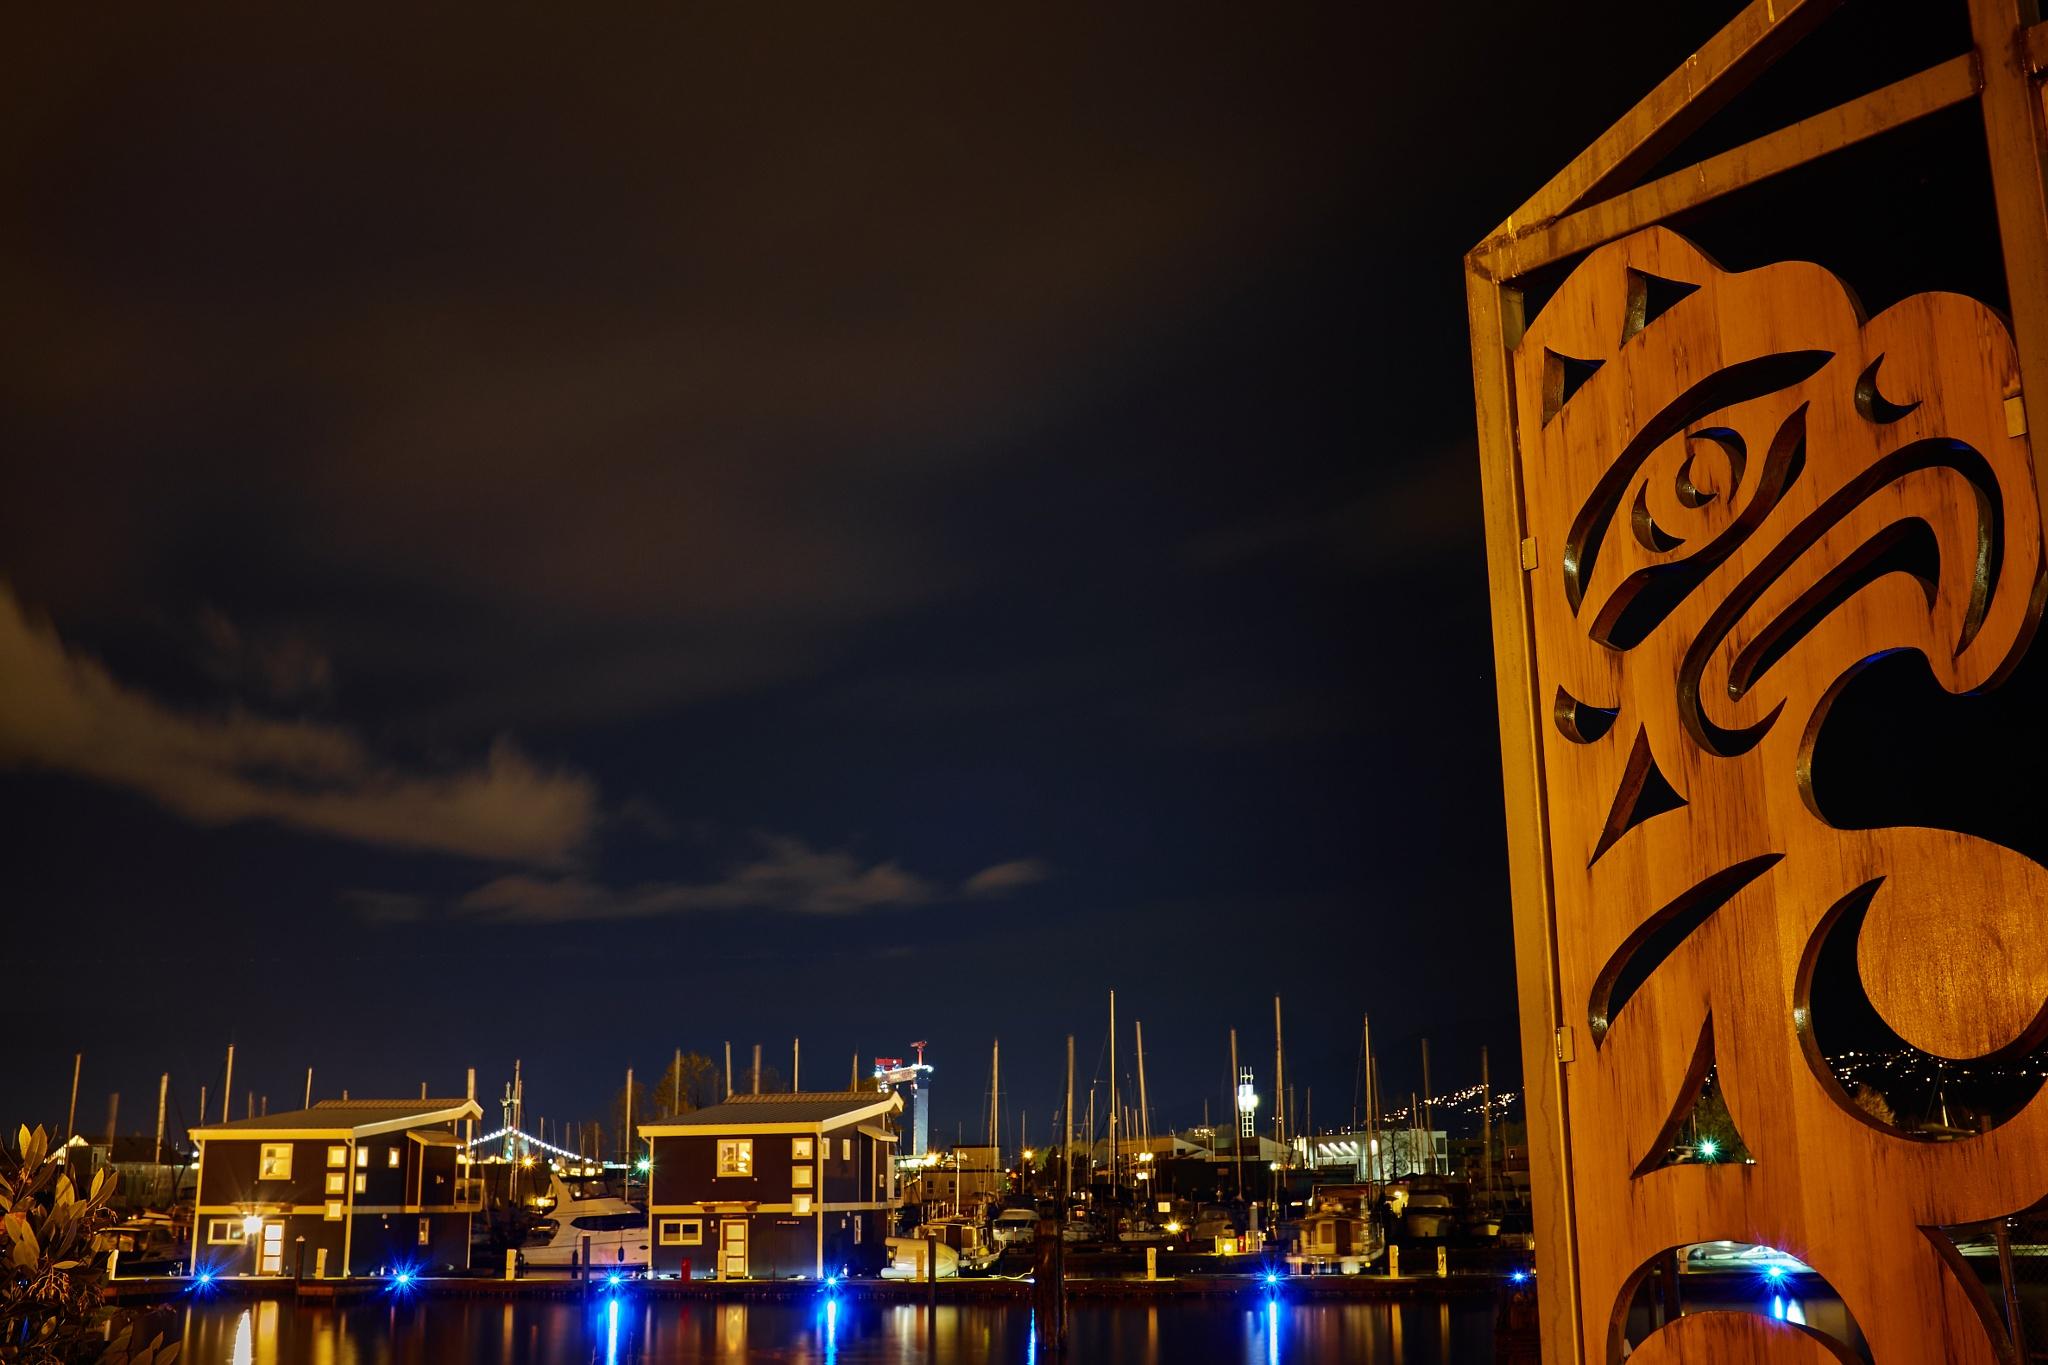 Marina at night by Greg Mullaly